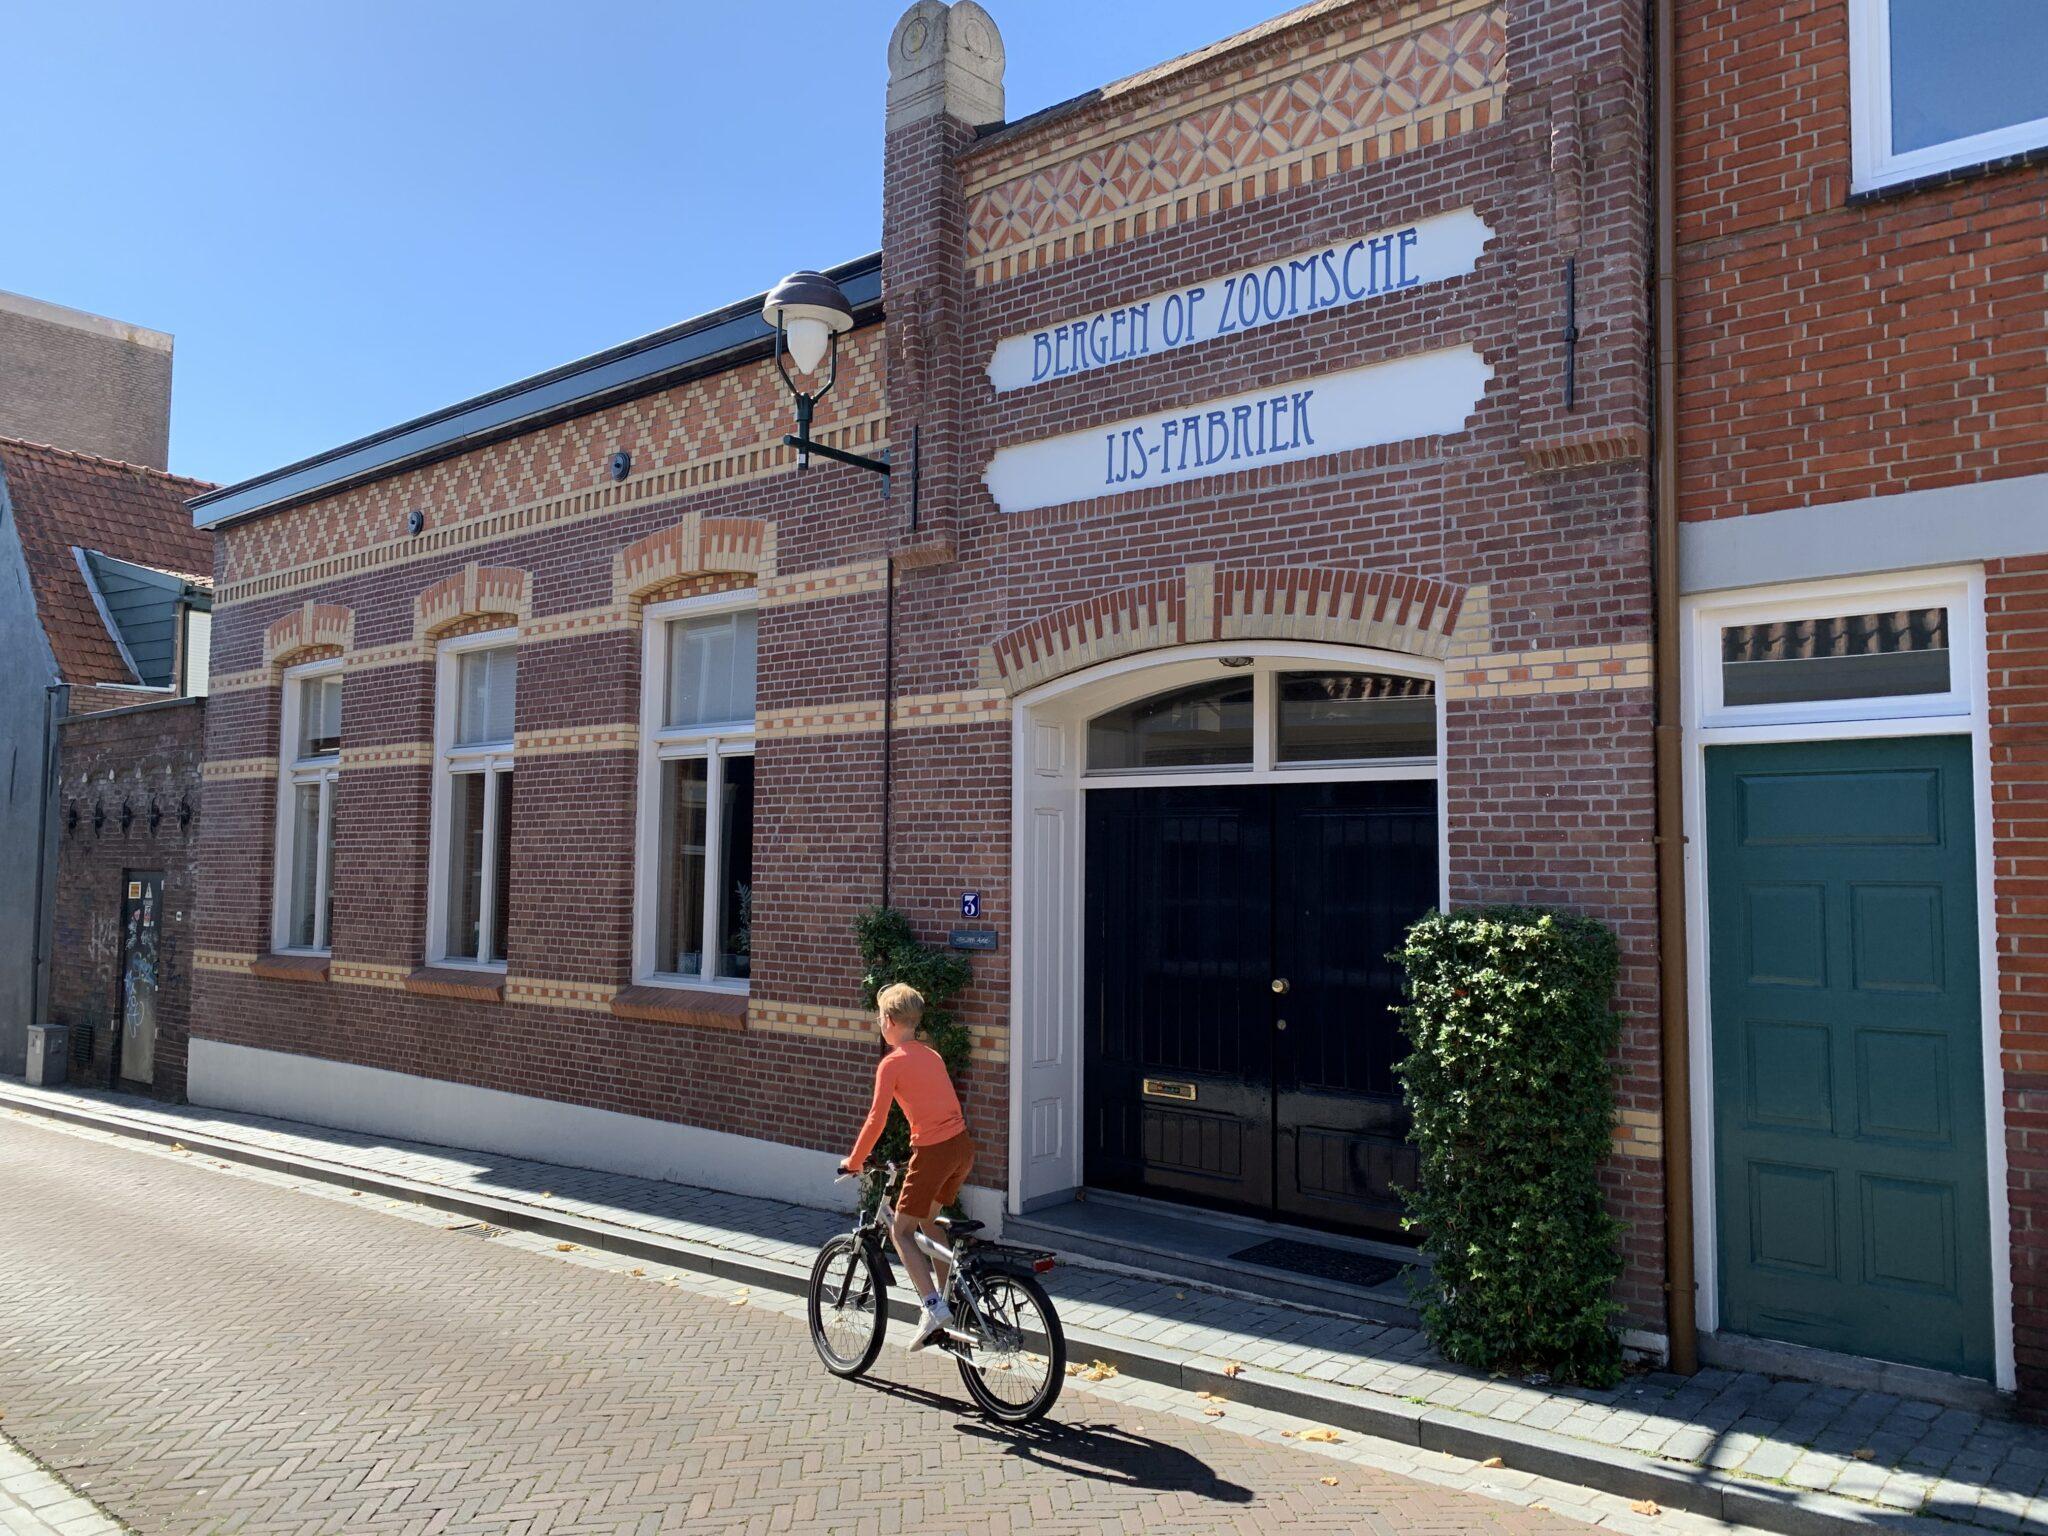 fietsen bergen op zoom bergen op zooms zoomsche ijs-fabriek ijsfabriek ijs minderbroederstraat woonhuis kind fiets fietsen fietsers fietser